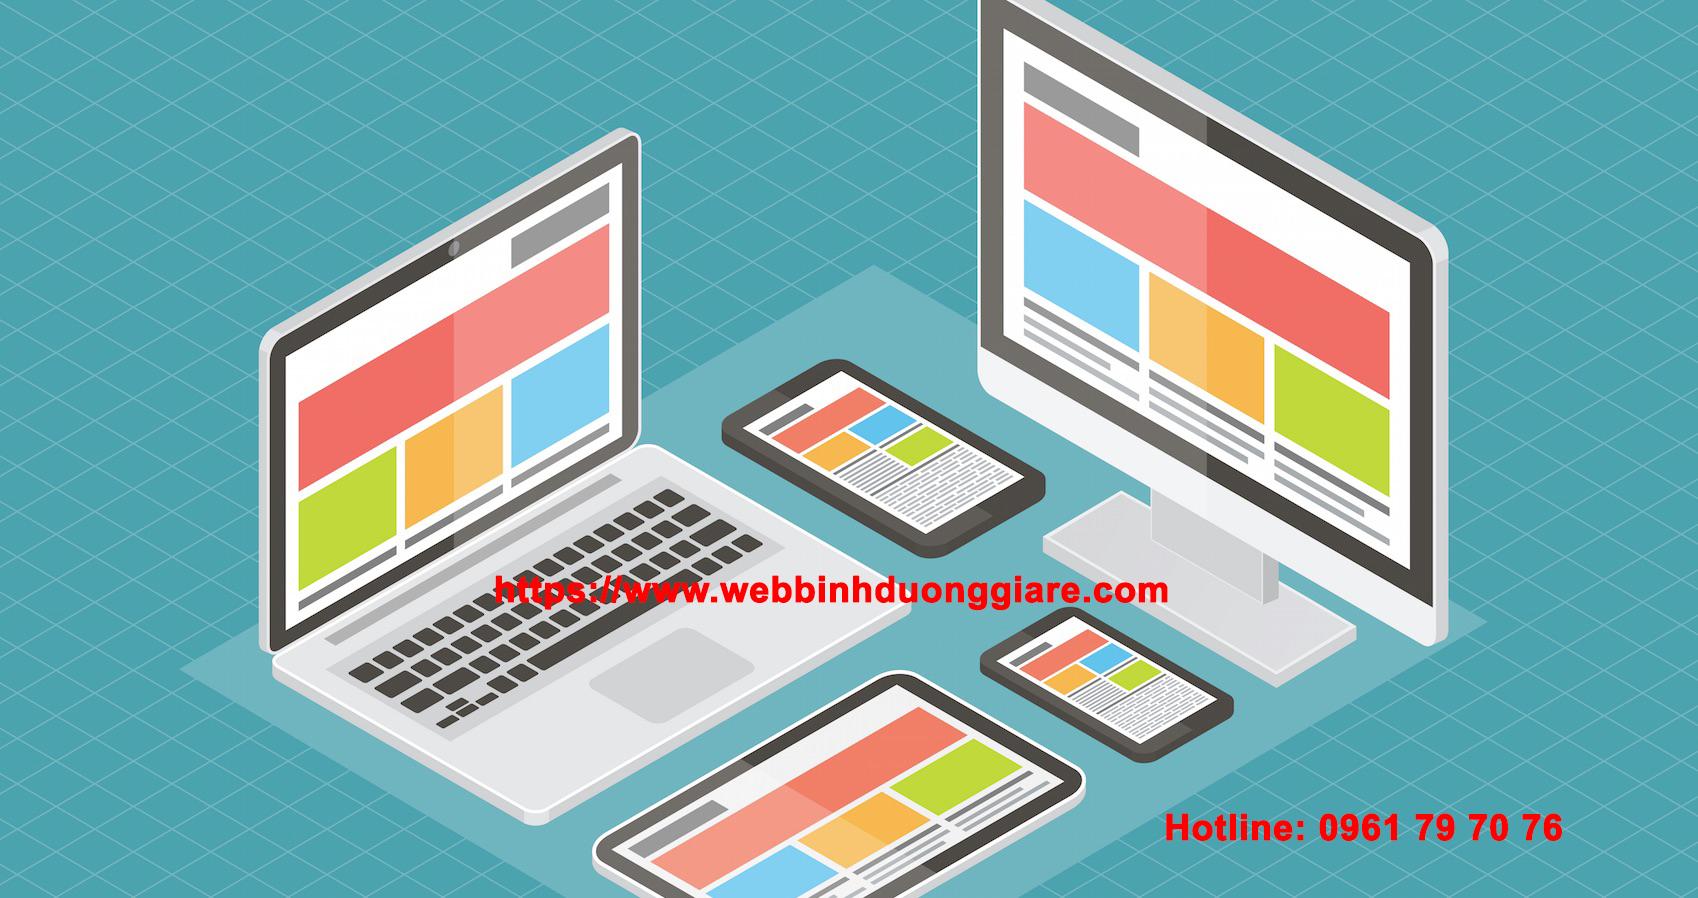 Binh Duong Website Design